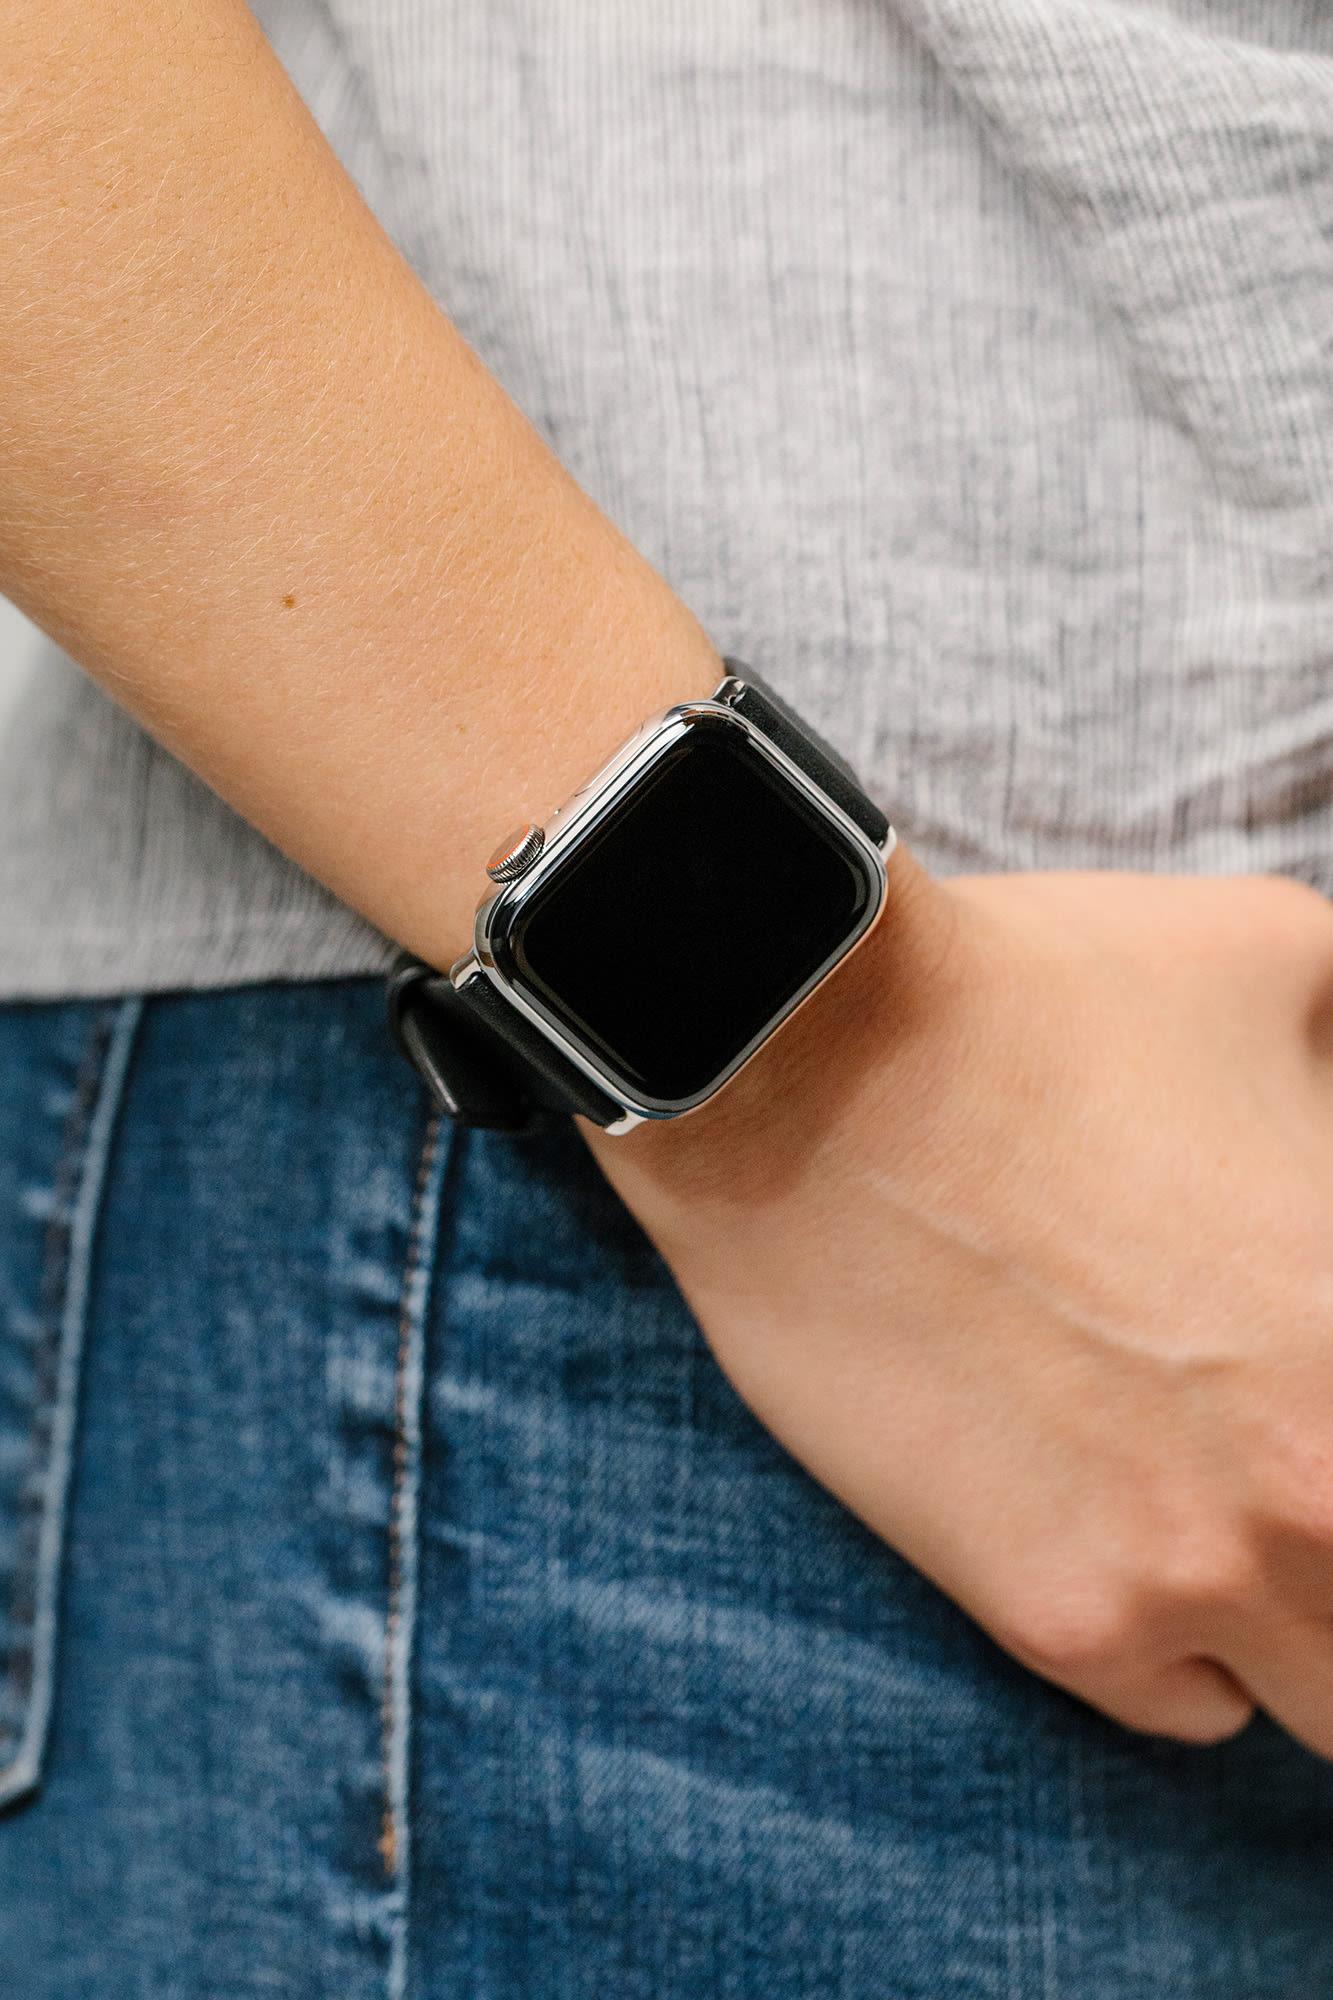 Silver Apple Watch